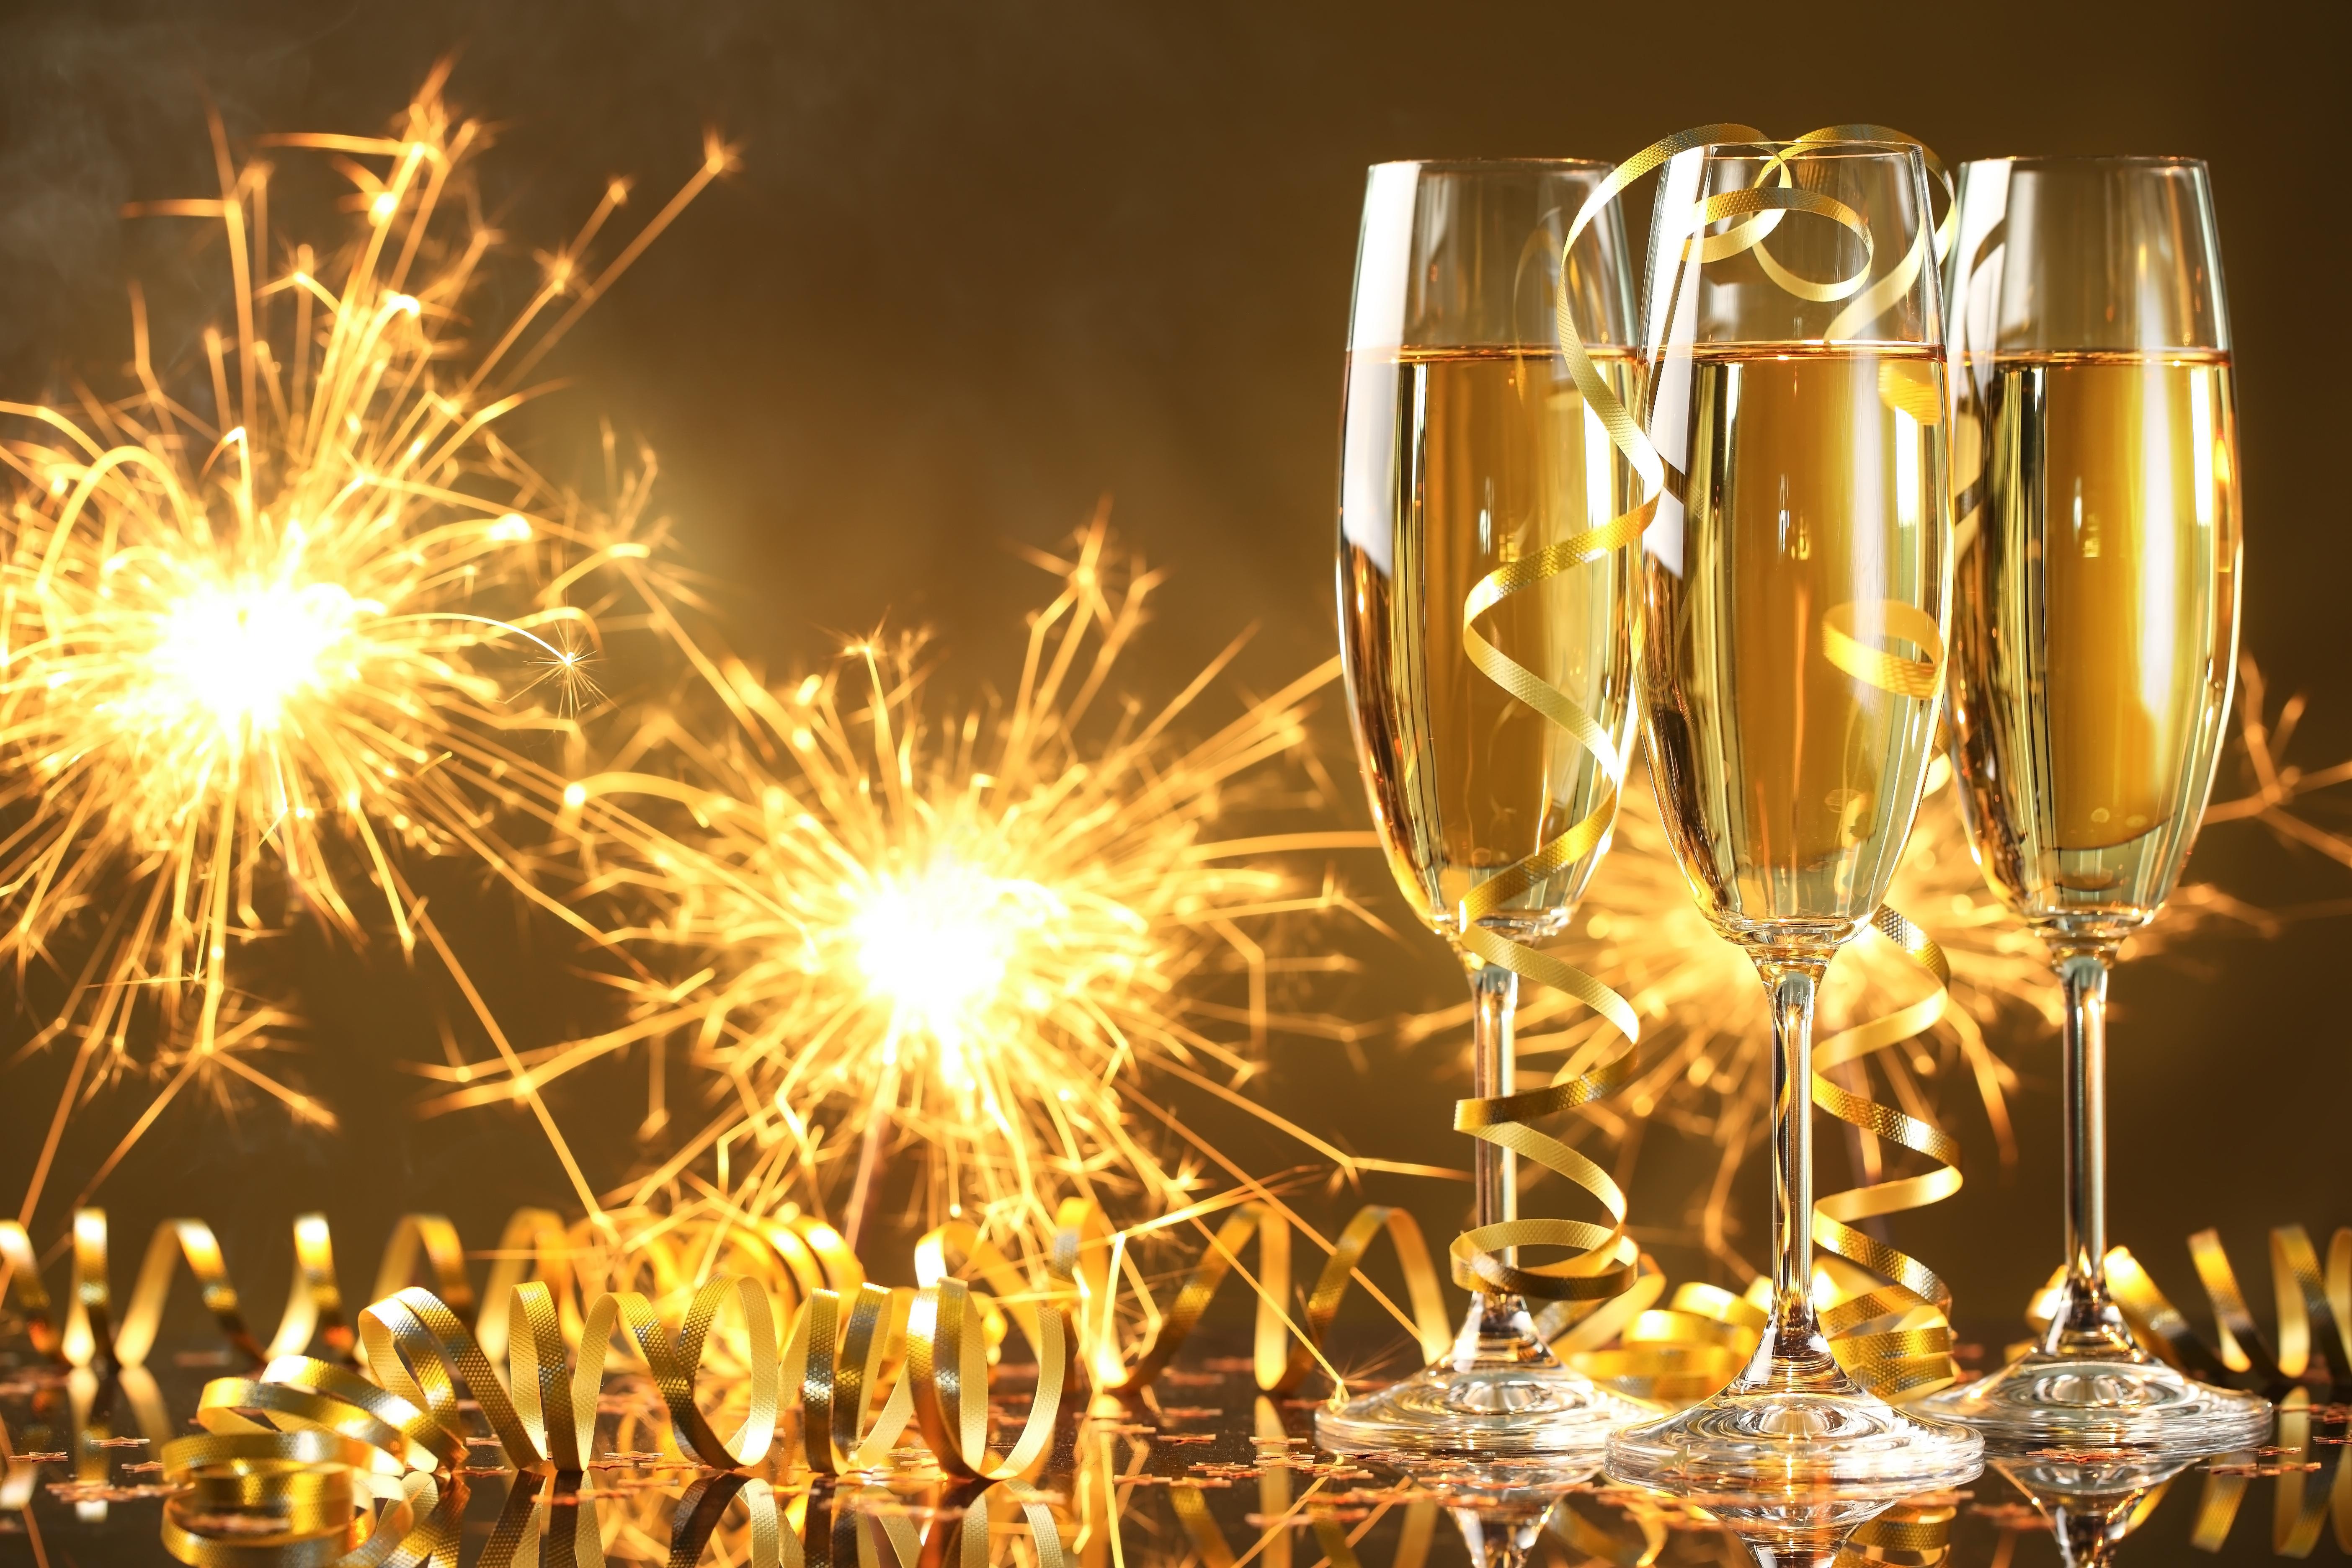 С днем рождения картинка с шампанским, открытки днем